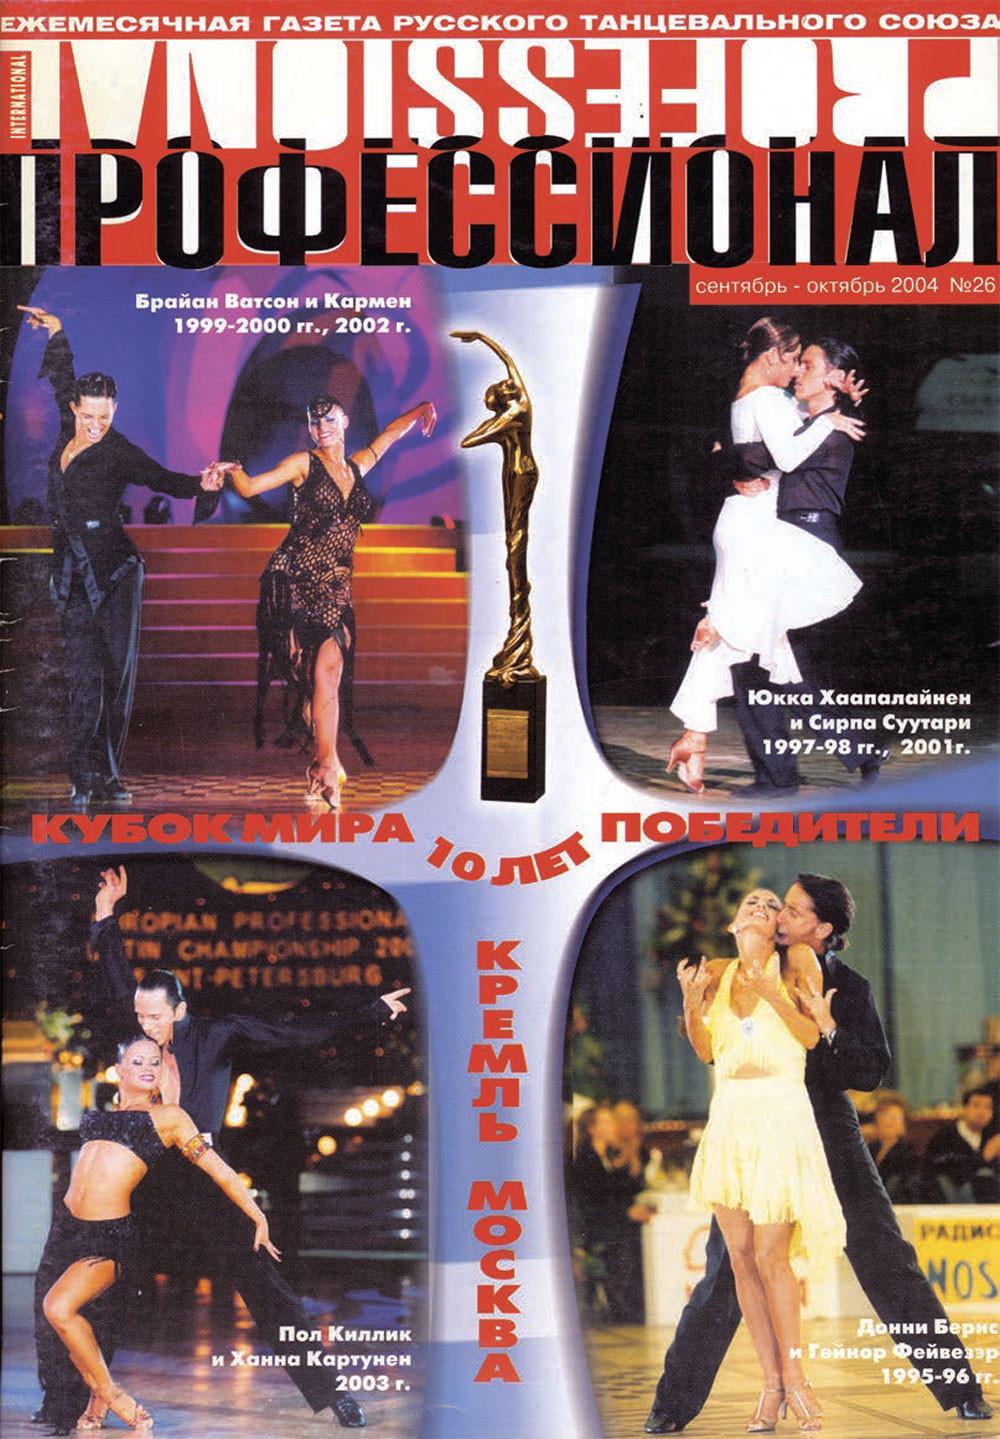 Журнал Профессионал №26 2004